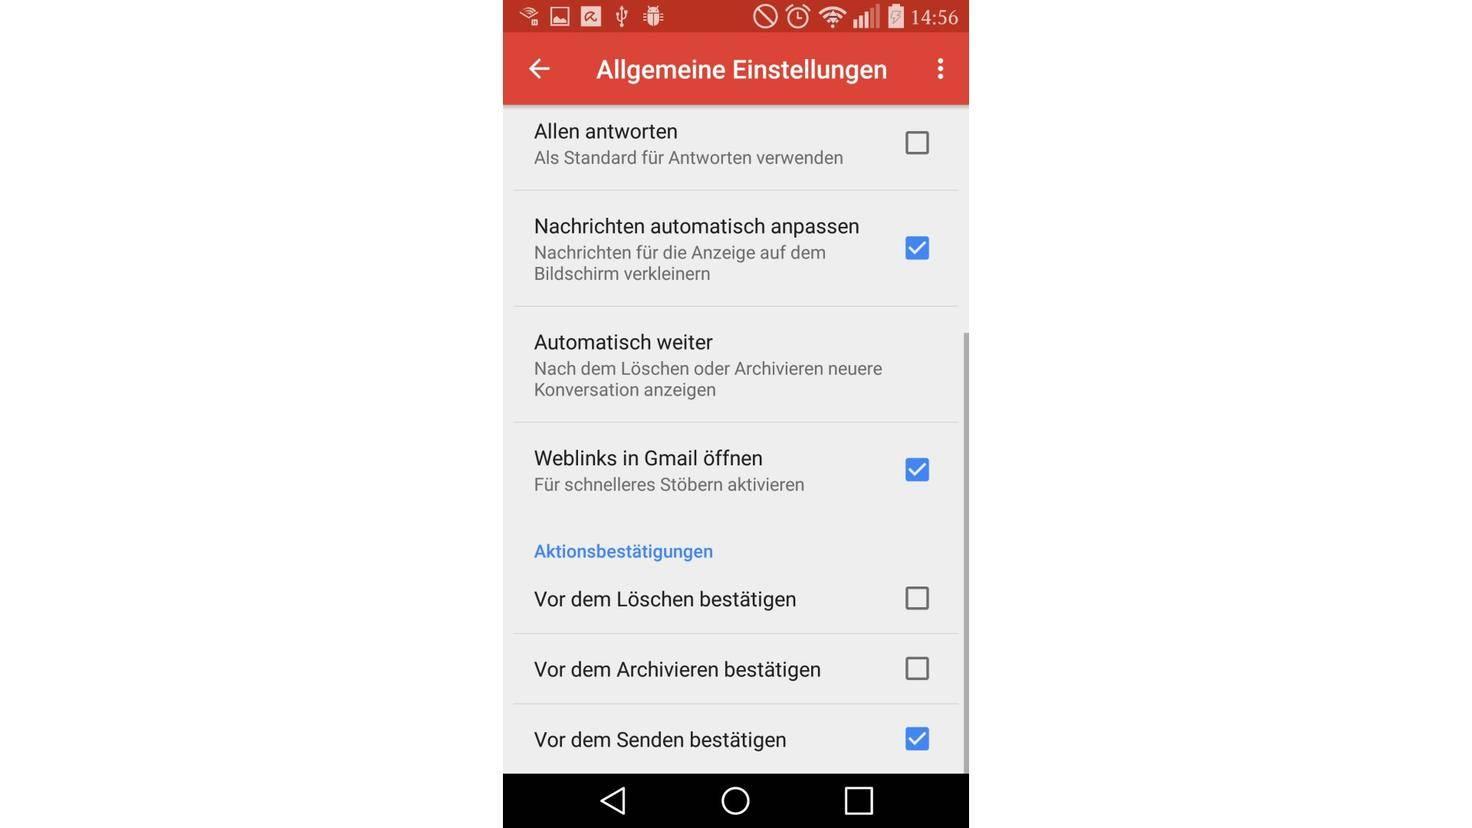 Google Mail Aktionsbestätigungen